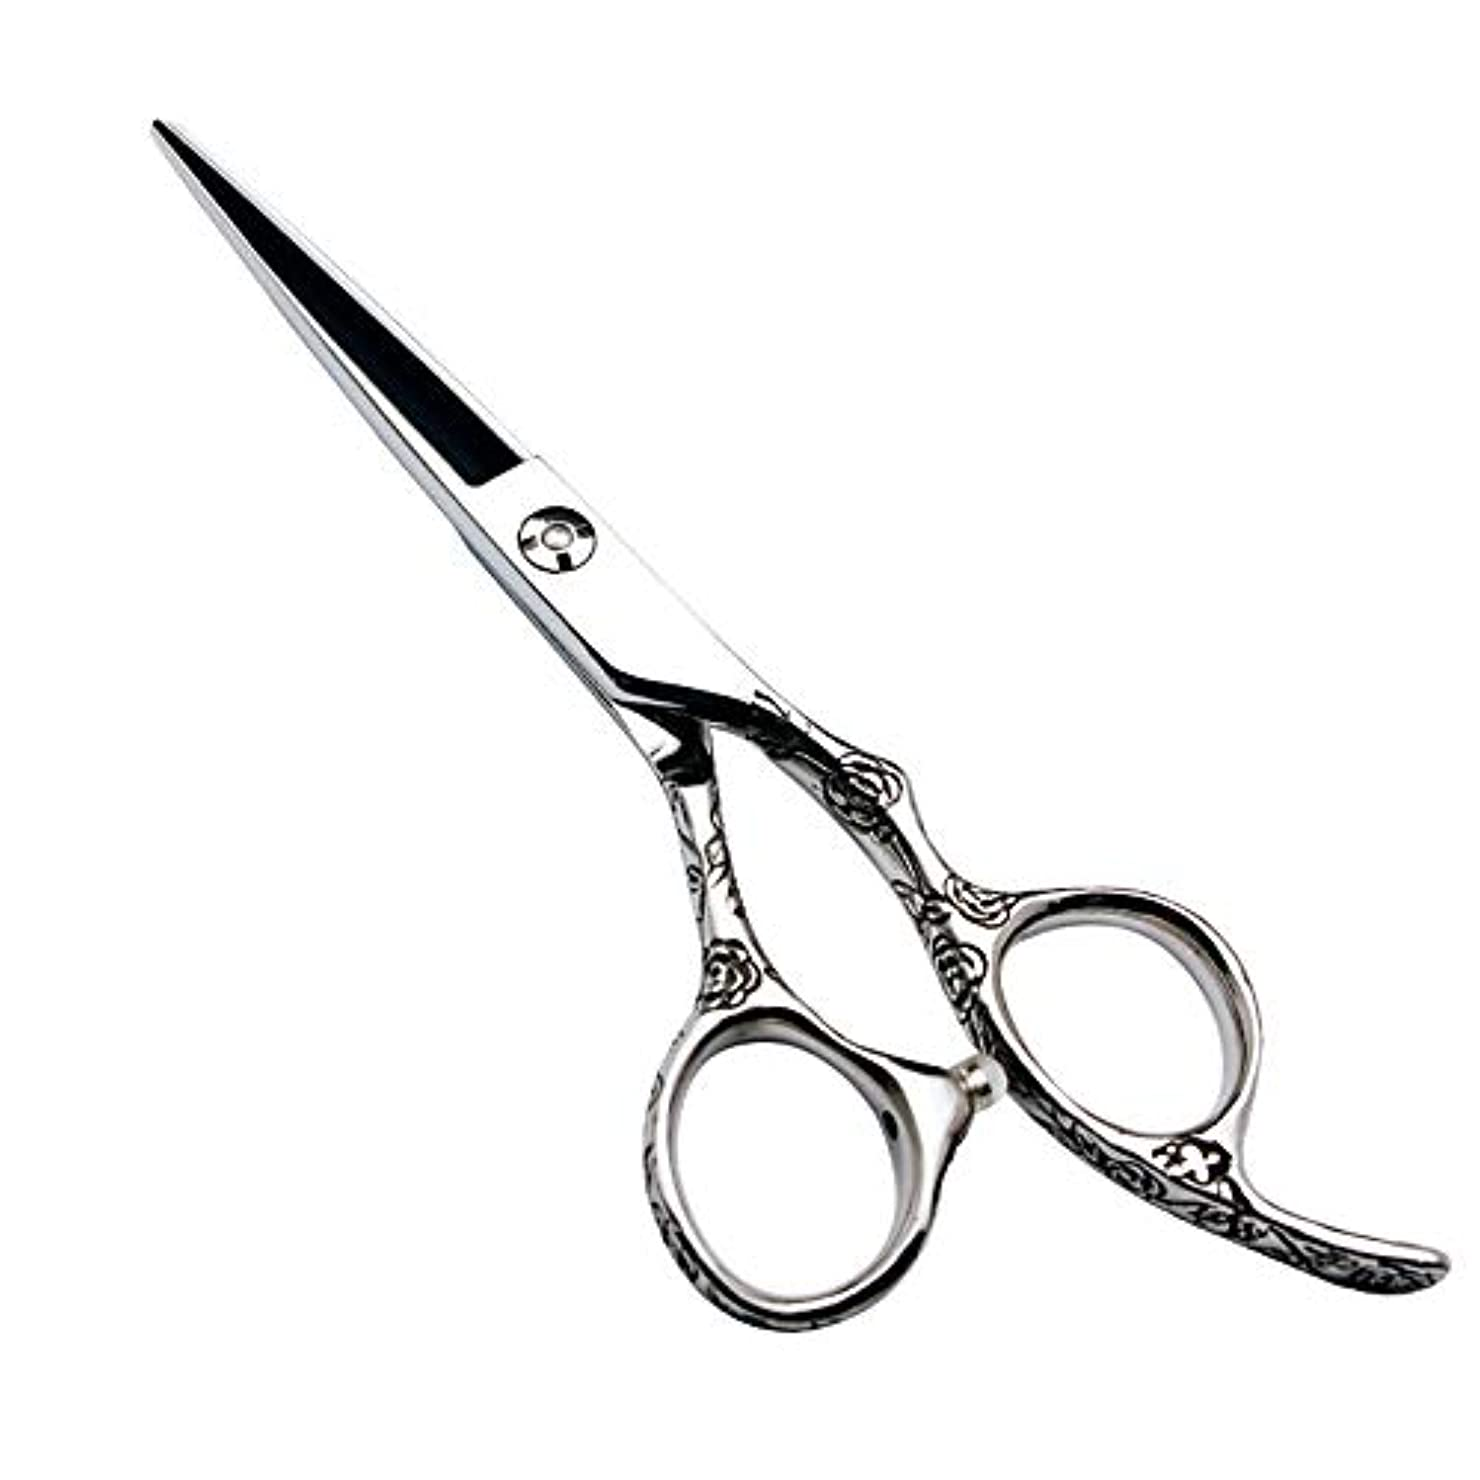 突撃猟犬哀6インチの美容院の専門の理髪セットの理髪はさみ、440Cローズのハンドル ヘアケア (色 : Silver)